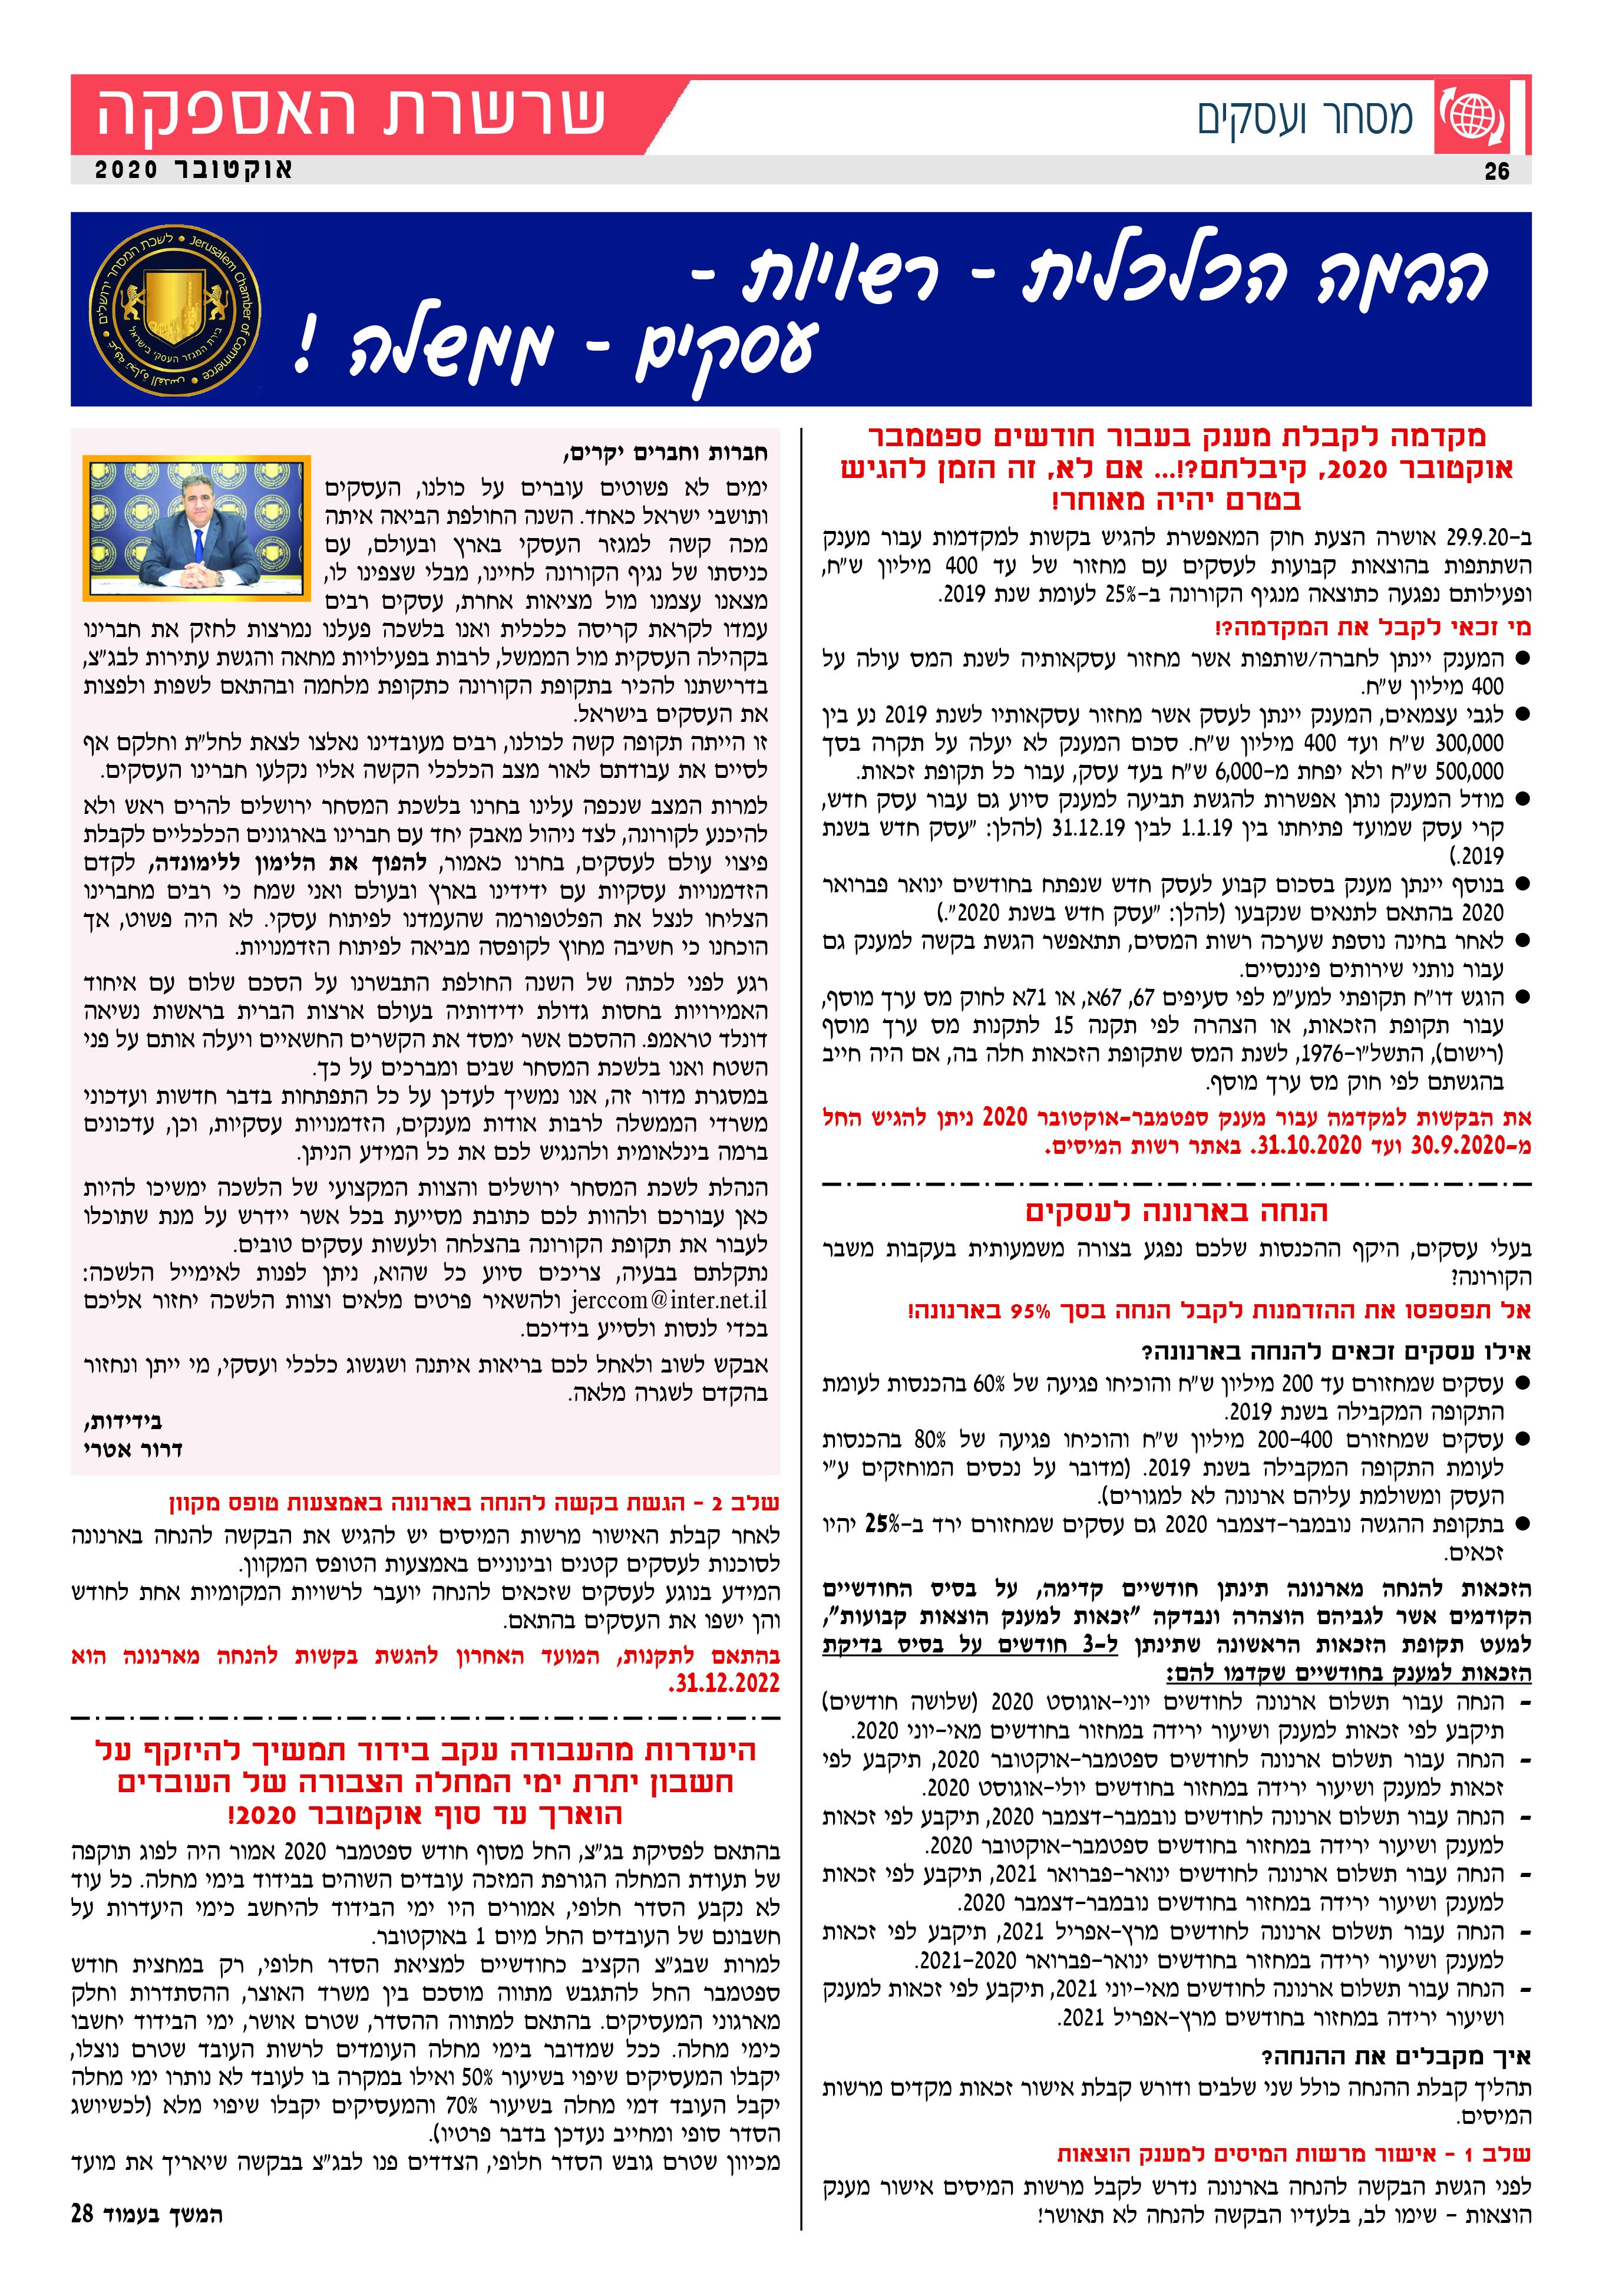 לשכת המסחר ירושלים-1 (2) 2020 10 18 עמוד 26